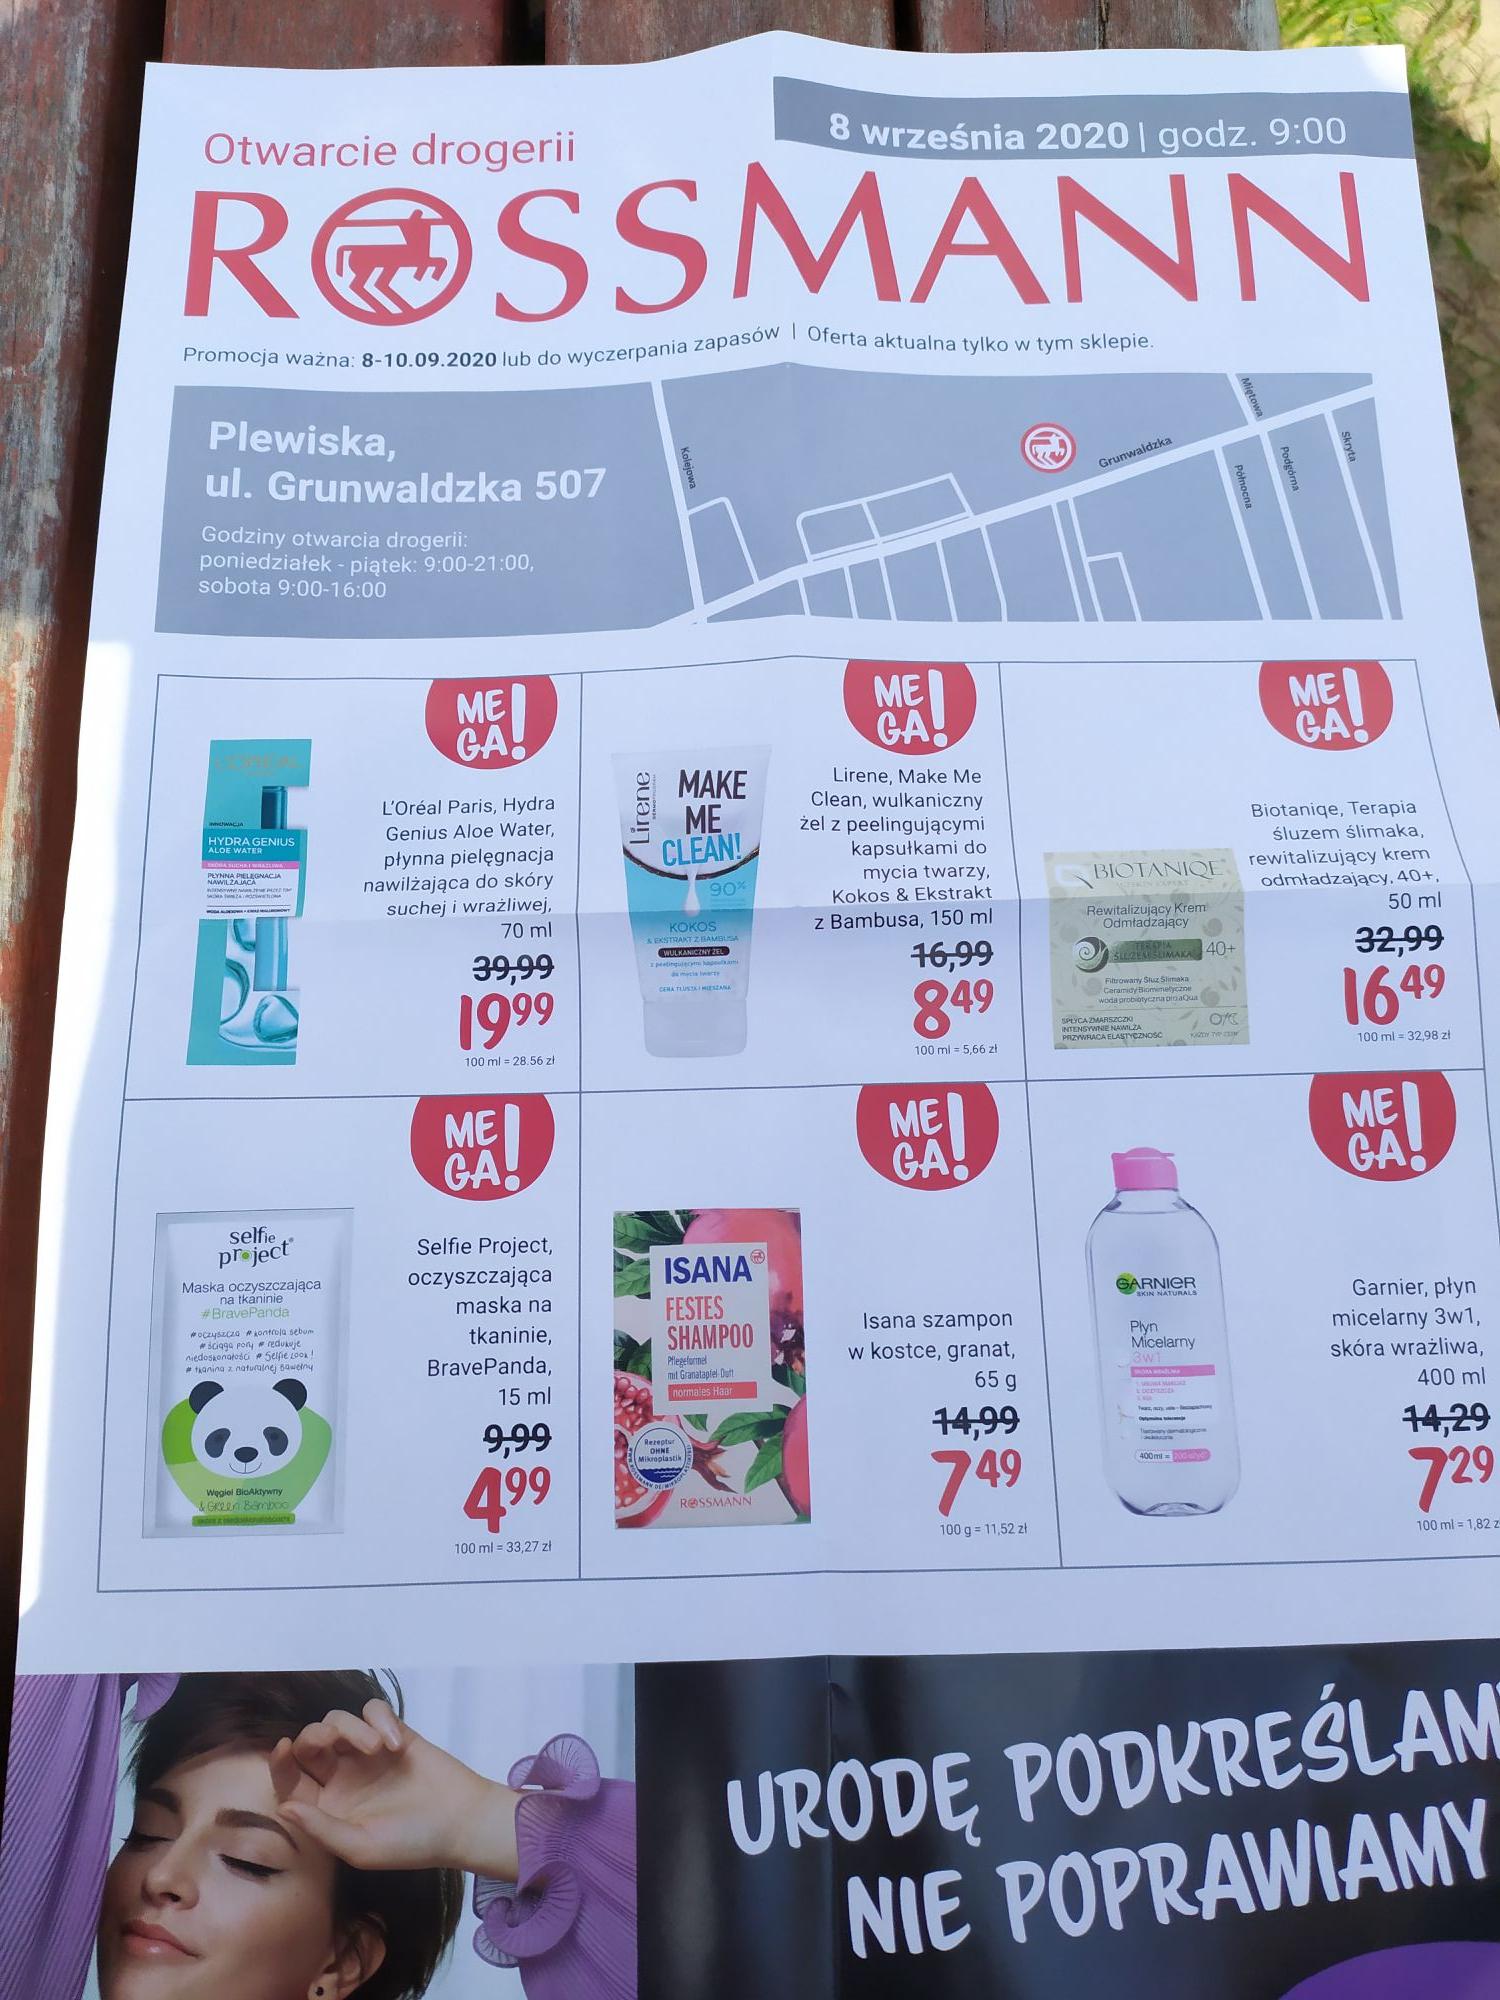 Otwarcie nowej drogerii Rossmann Plewiska, oferty -50%